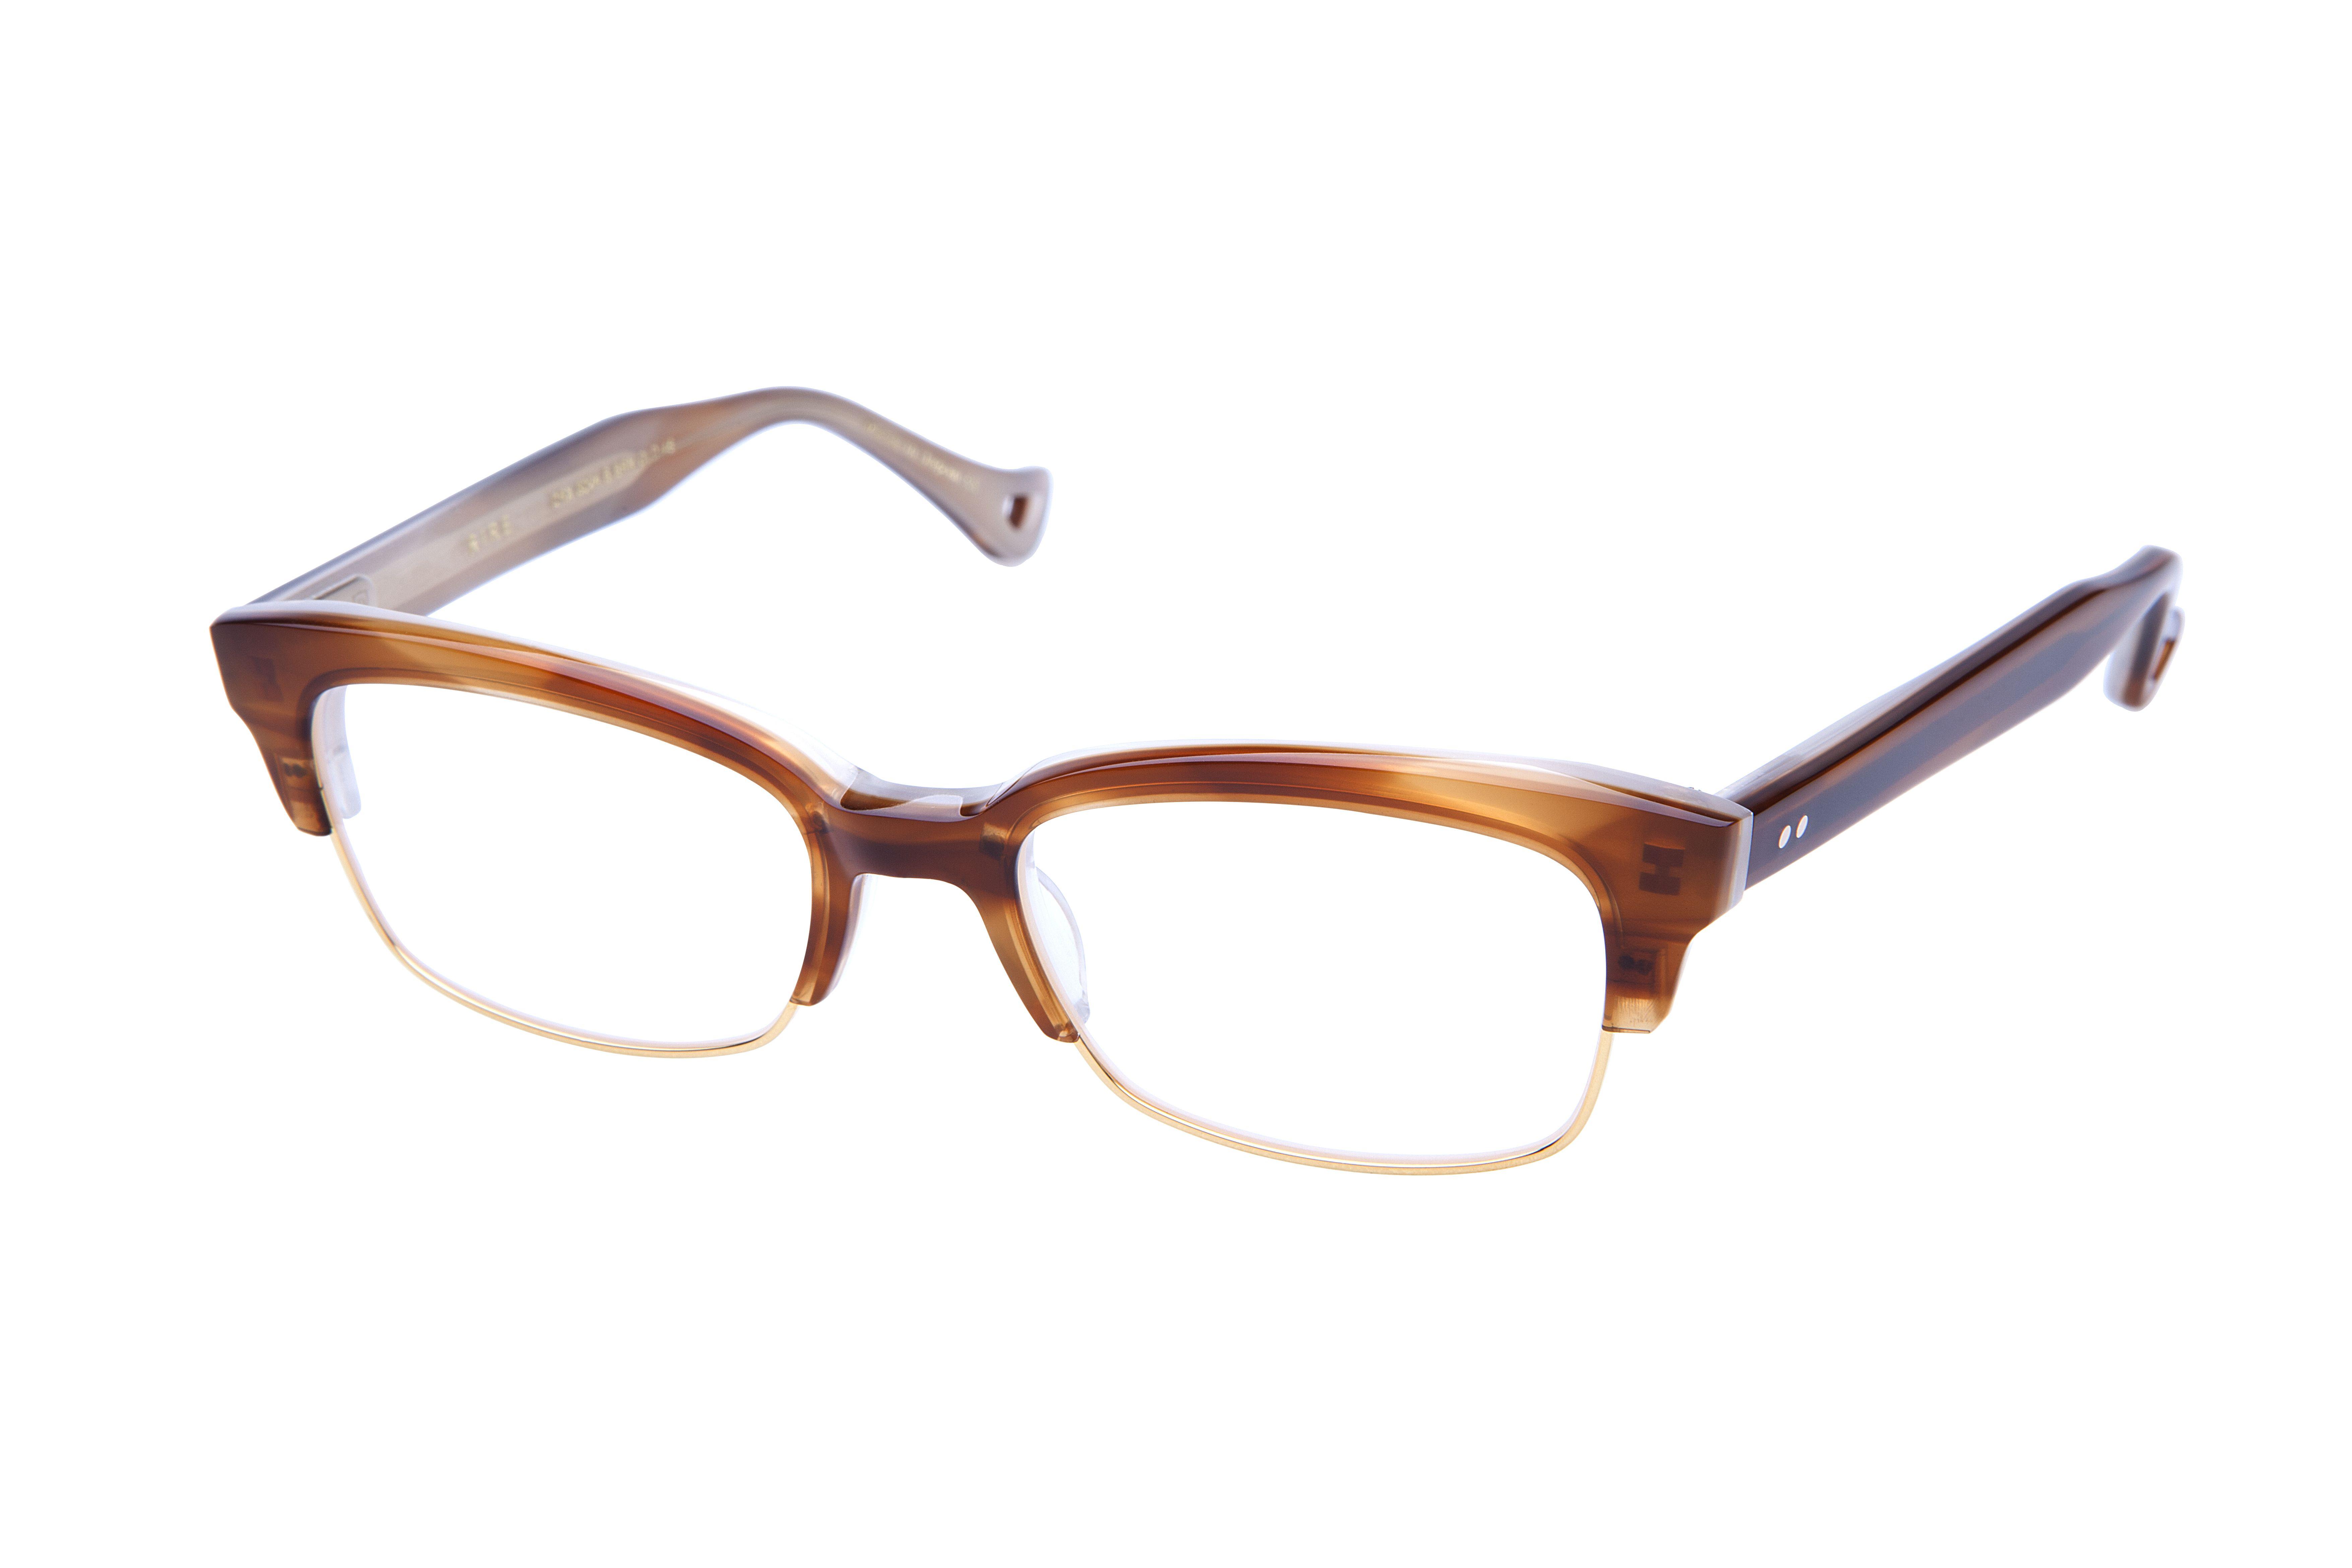 636fe60a5835 Dita- Rire-DRX-3024-B-BRN-GLD-50  Dita  GetTheLook  Fashion  Glasses   Eyewear  Specs  Frames